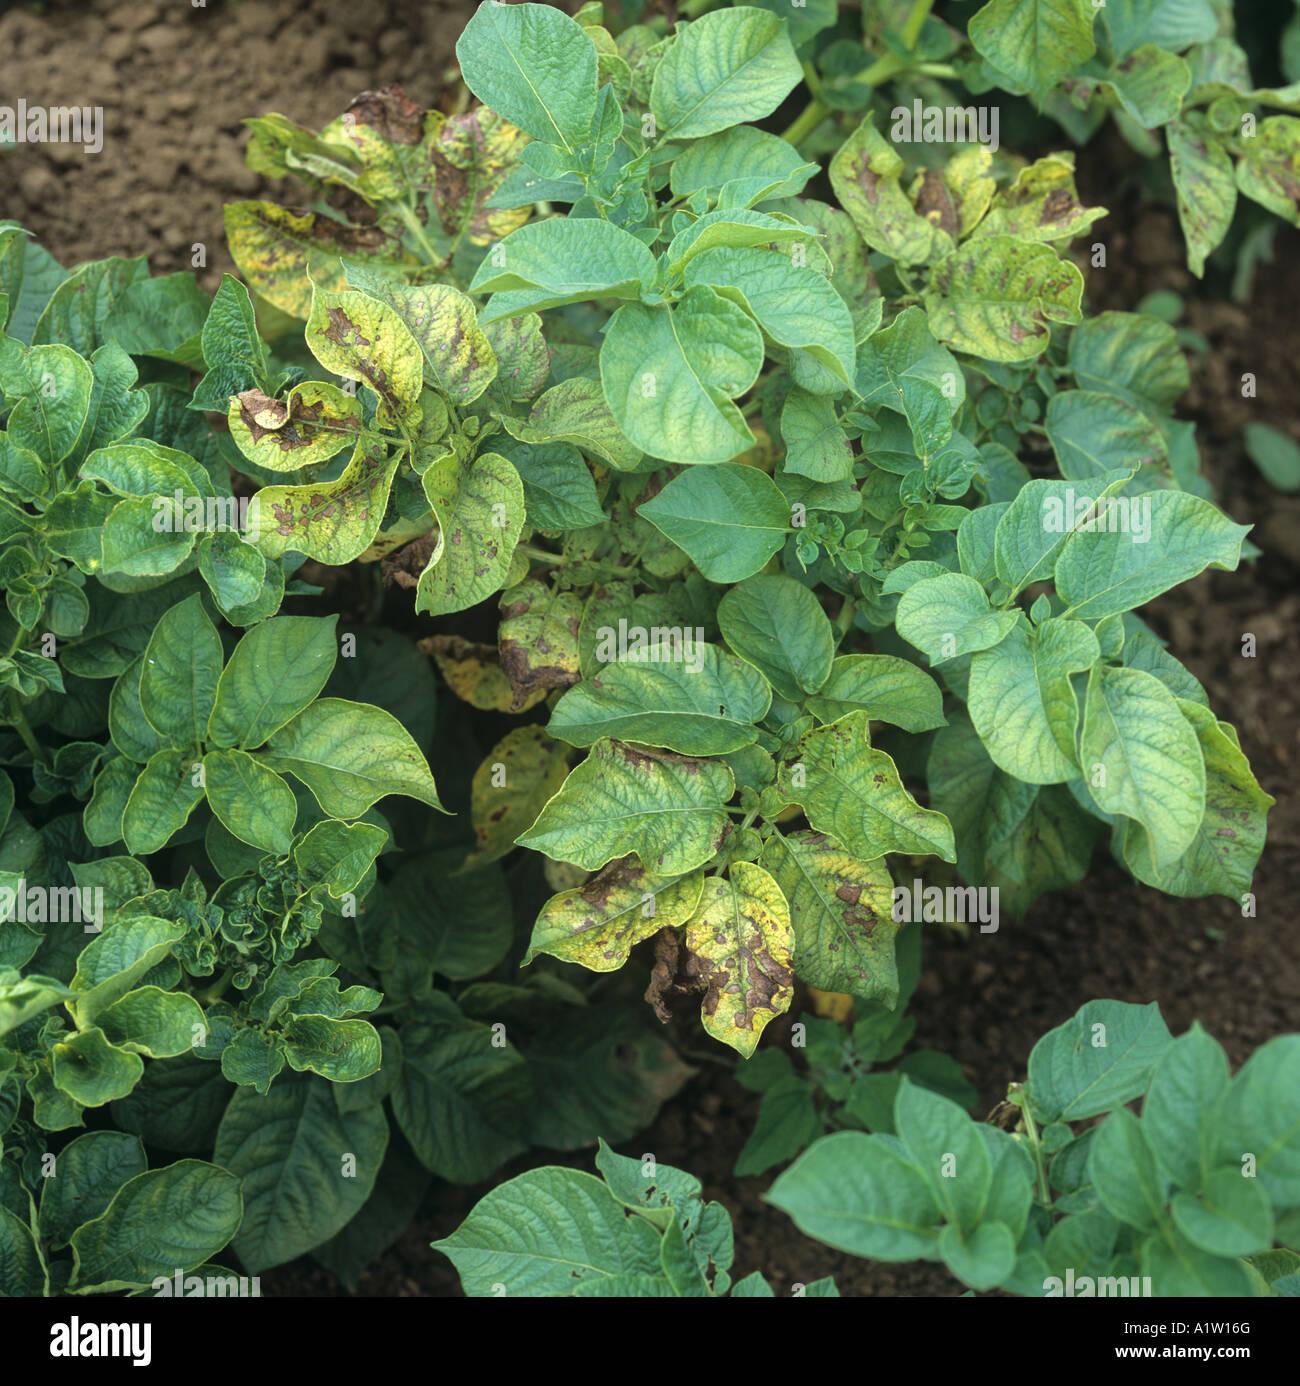 La deficienza di magnesio sintomi su alcune foglie di patata in questo prodotto organico Immagini Stock